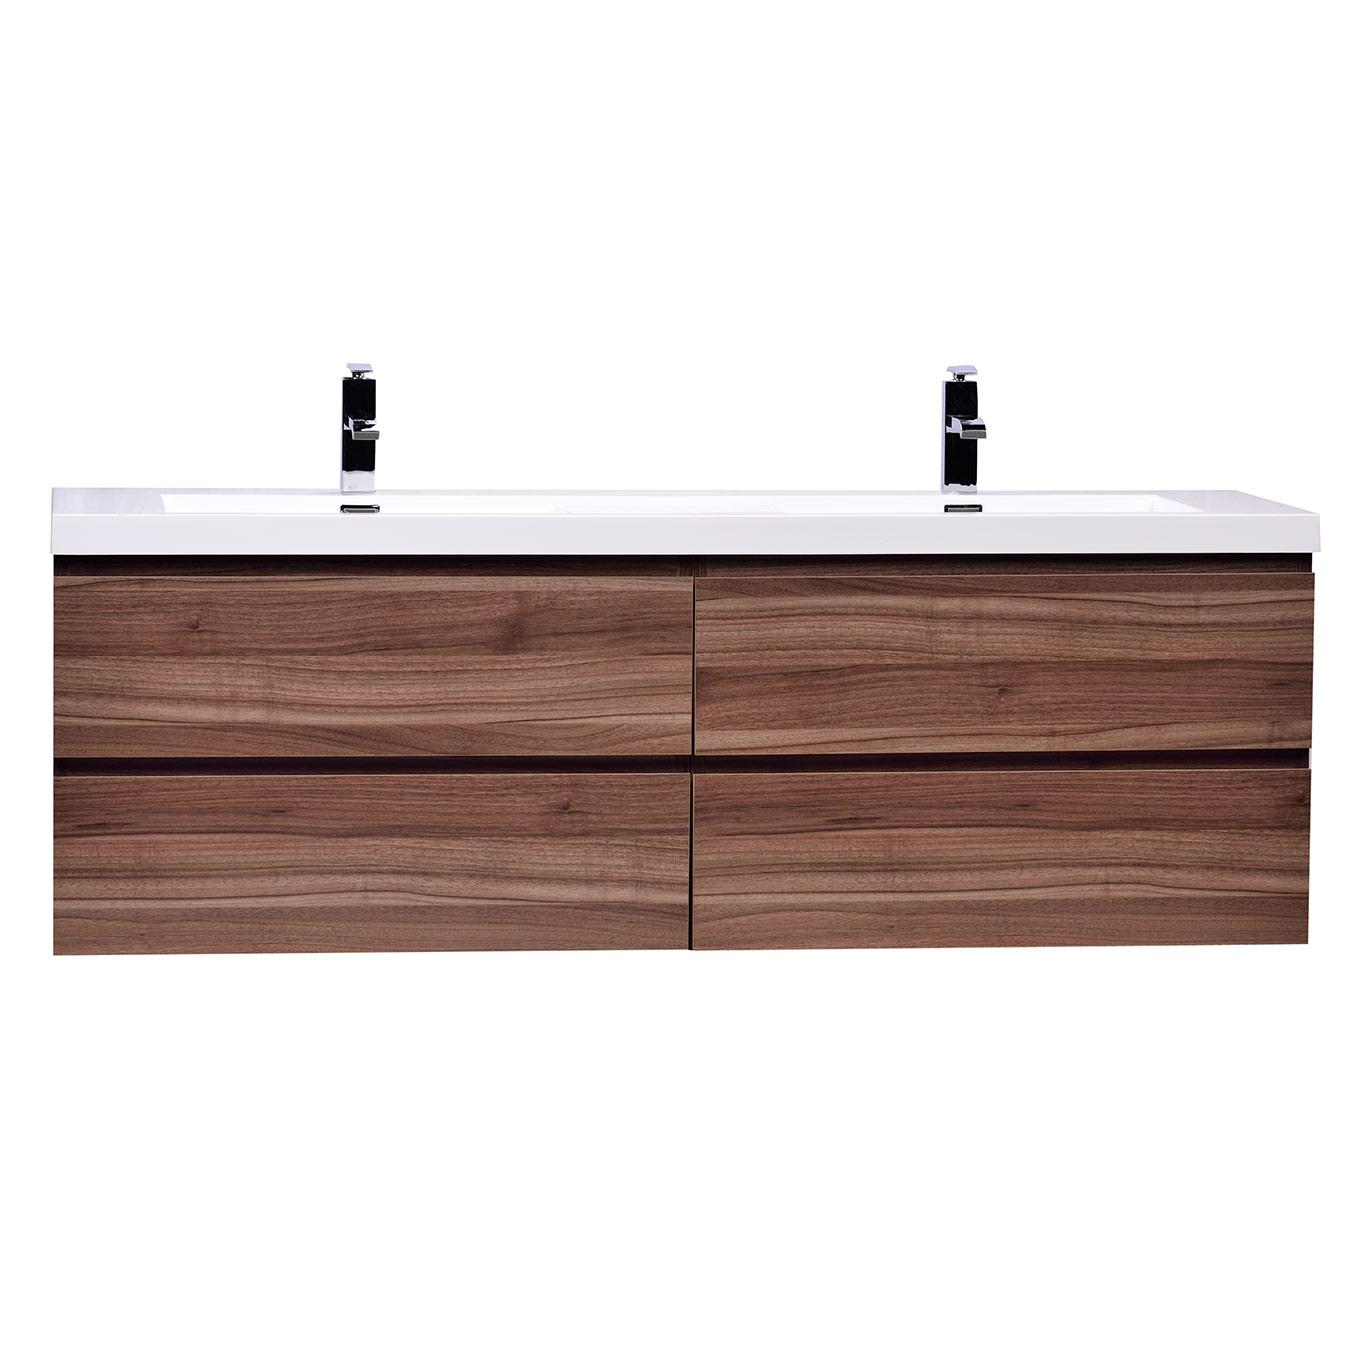 48 Inch Bath Vanity, Buy Angela 63 Inch Wall Mount Bathroom Double Vanity In Walnut Tn Ag1600 Wn Conceptbaths Com Free Shipping